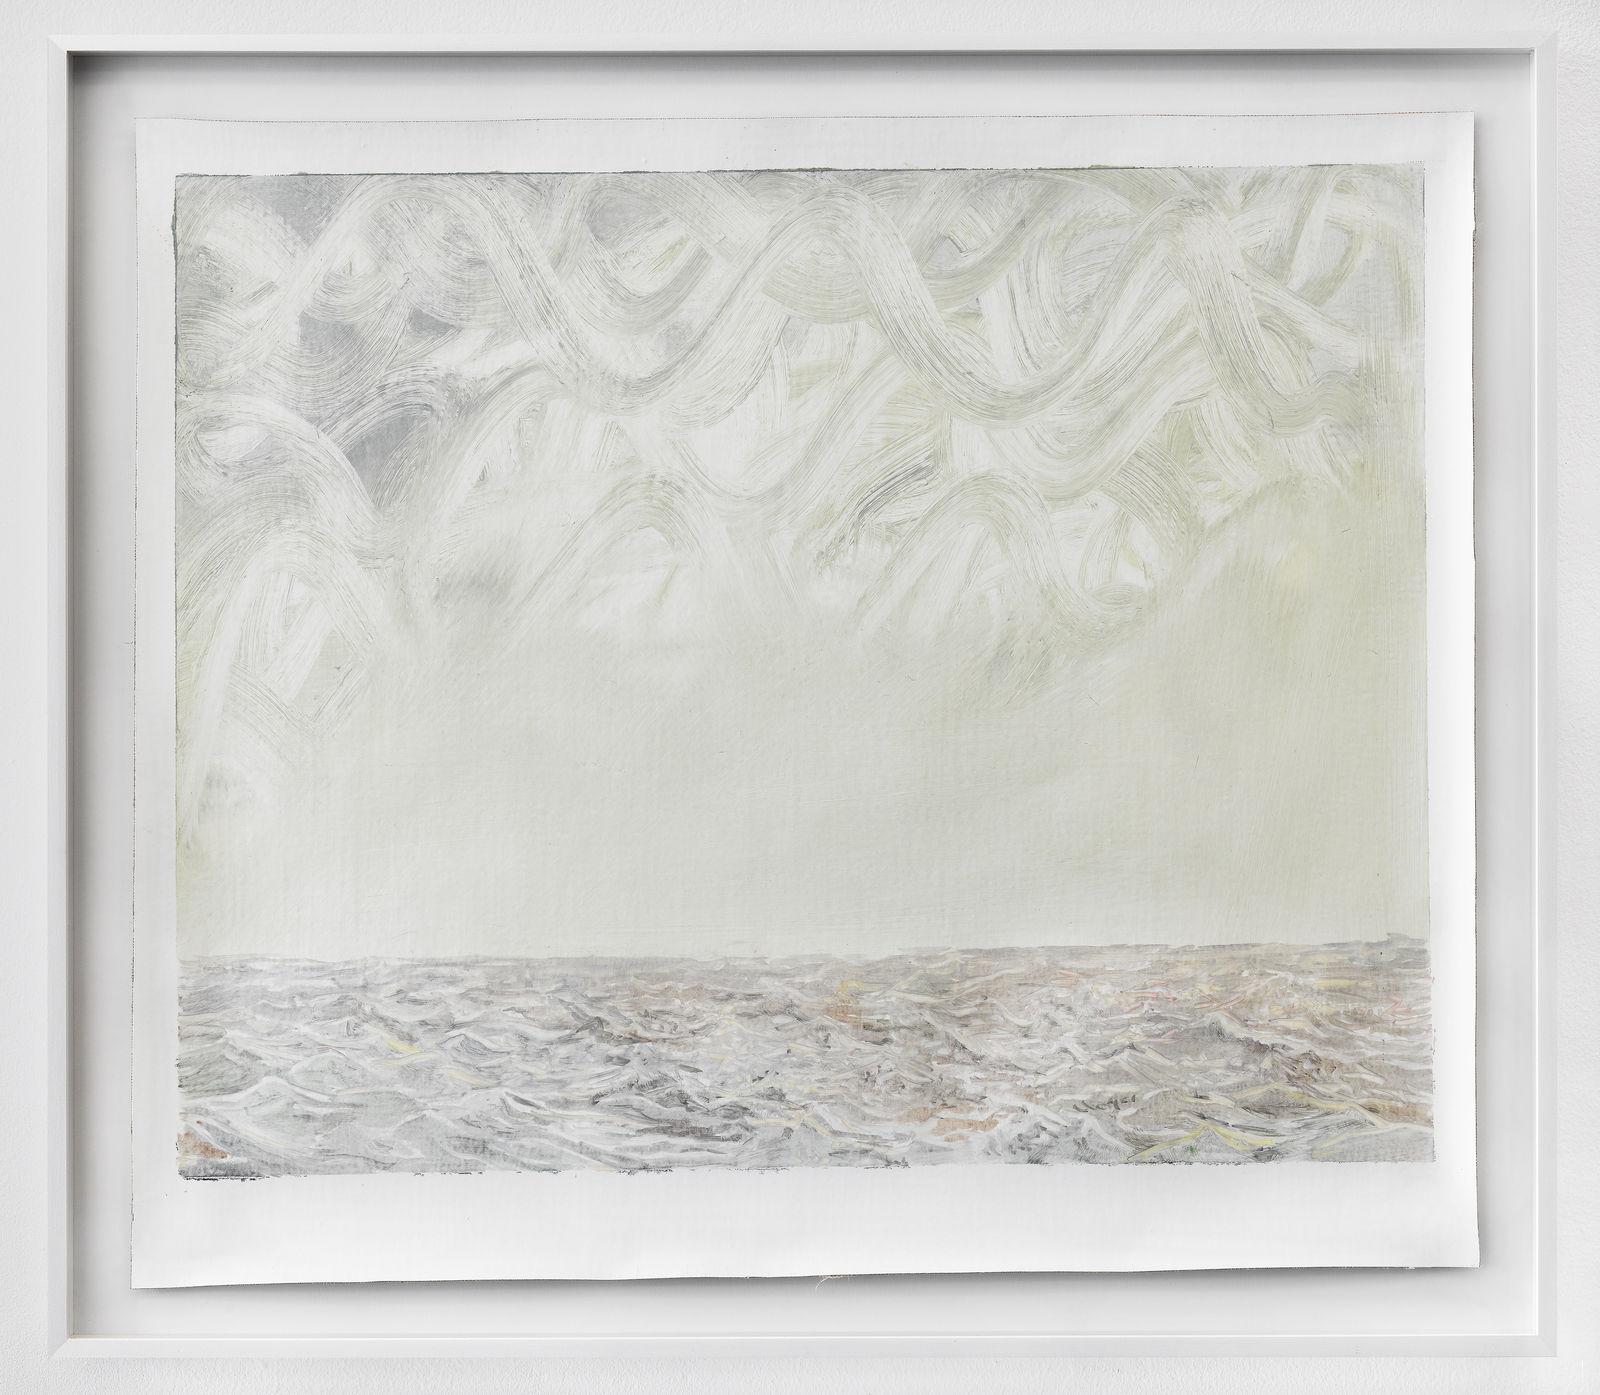 Femmy Otten, Eyes on the Horizon, no. 3, 2016, oil on canvas, framed, 55 x 62,5 cm